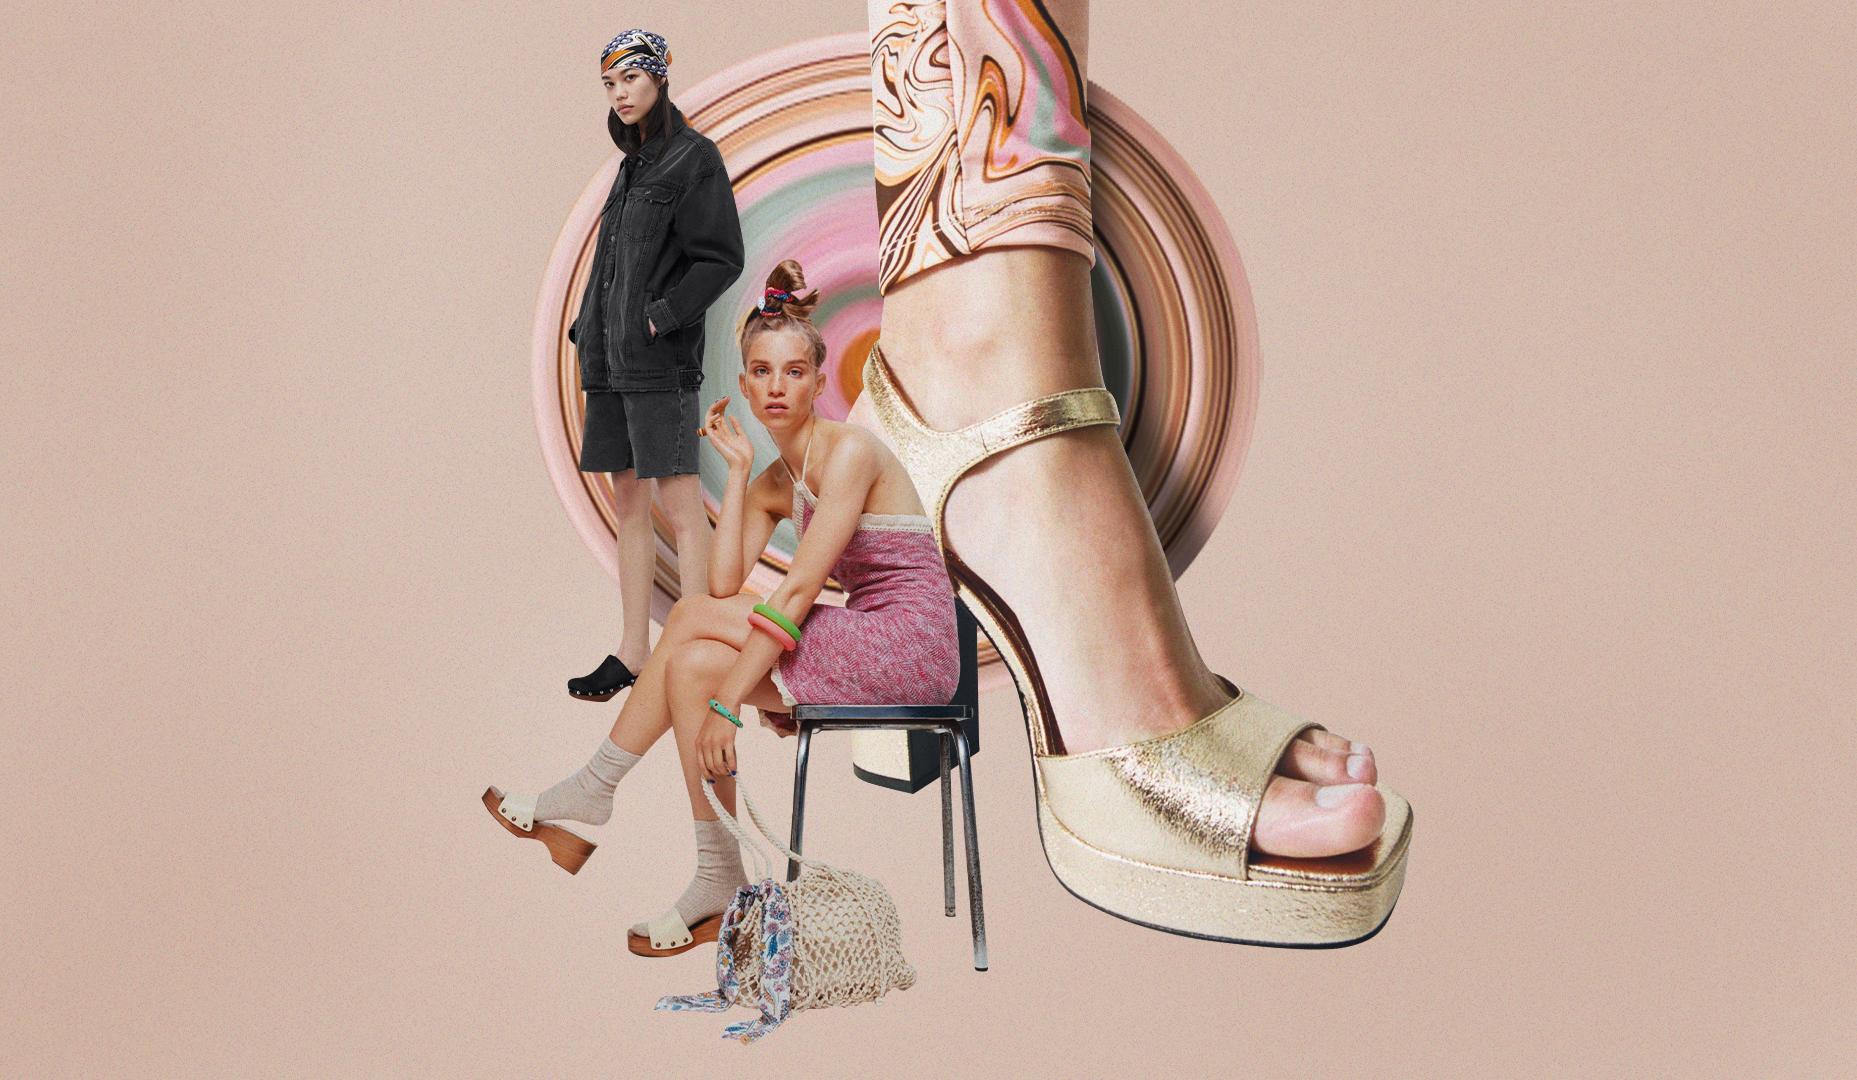 Снова балетки: топ популярной обуви этого лета